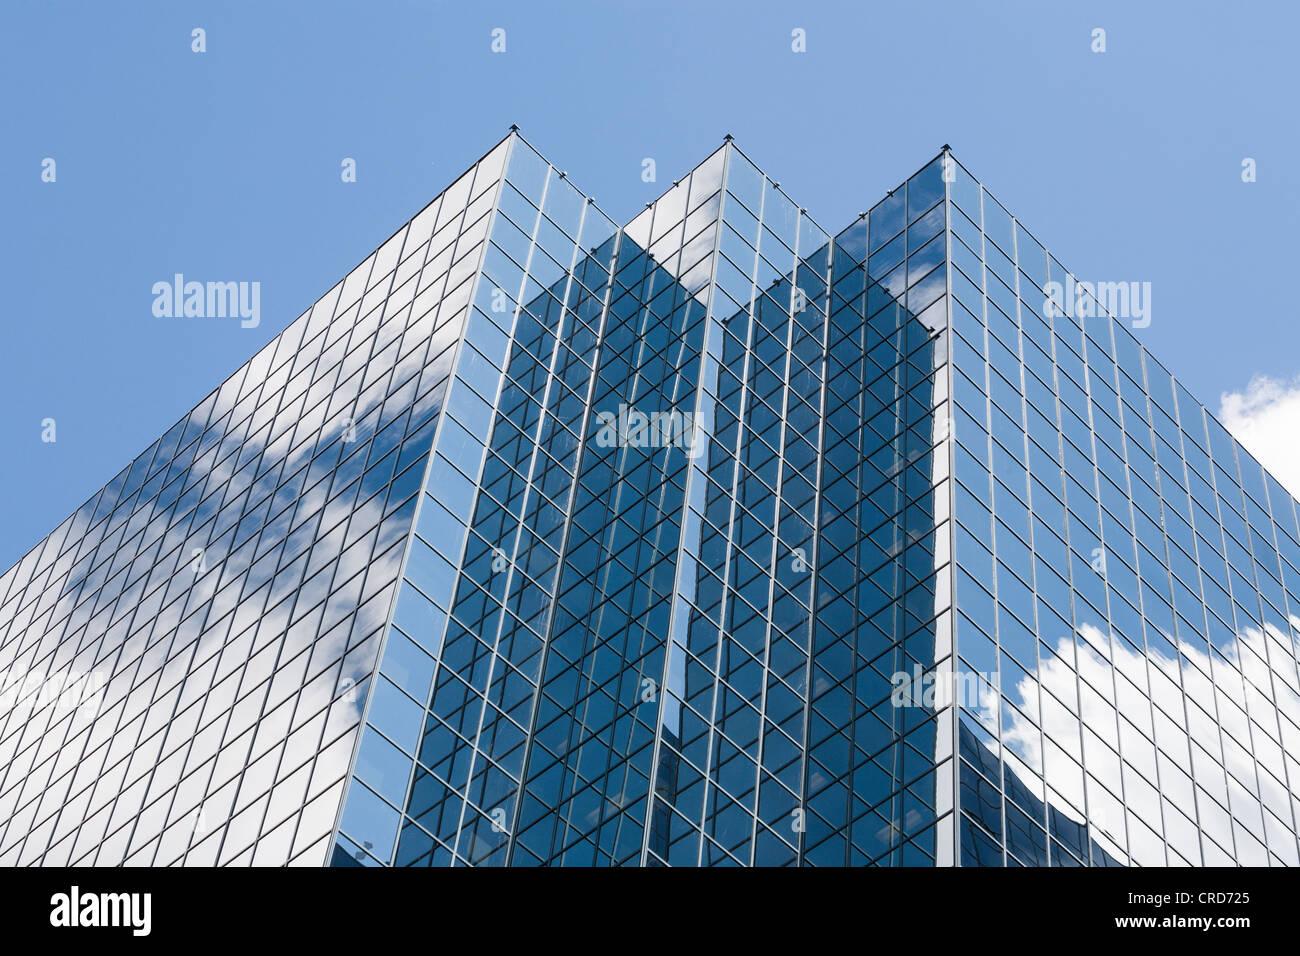 Glas ummantelt Büroturm: Constitution Square Gebäude.  Die Spitze eines Glases abgedeckt Wolkenkratzer Stockbild